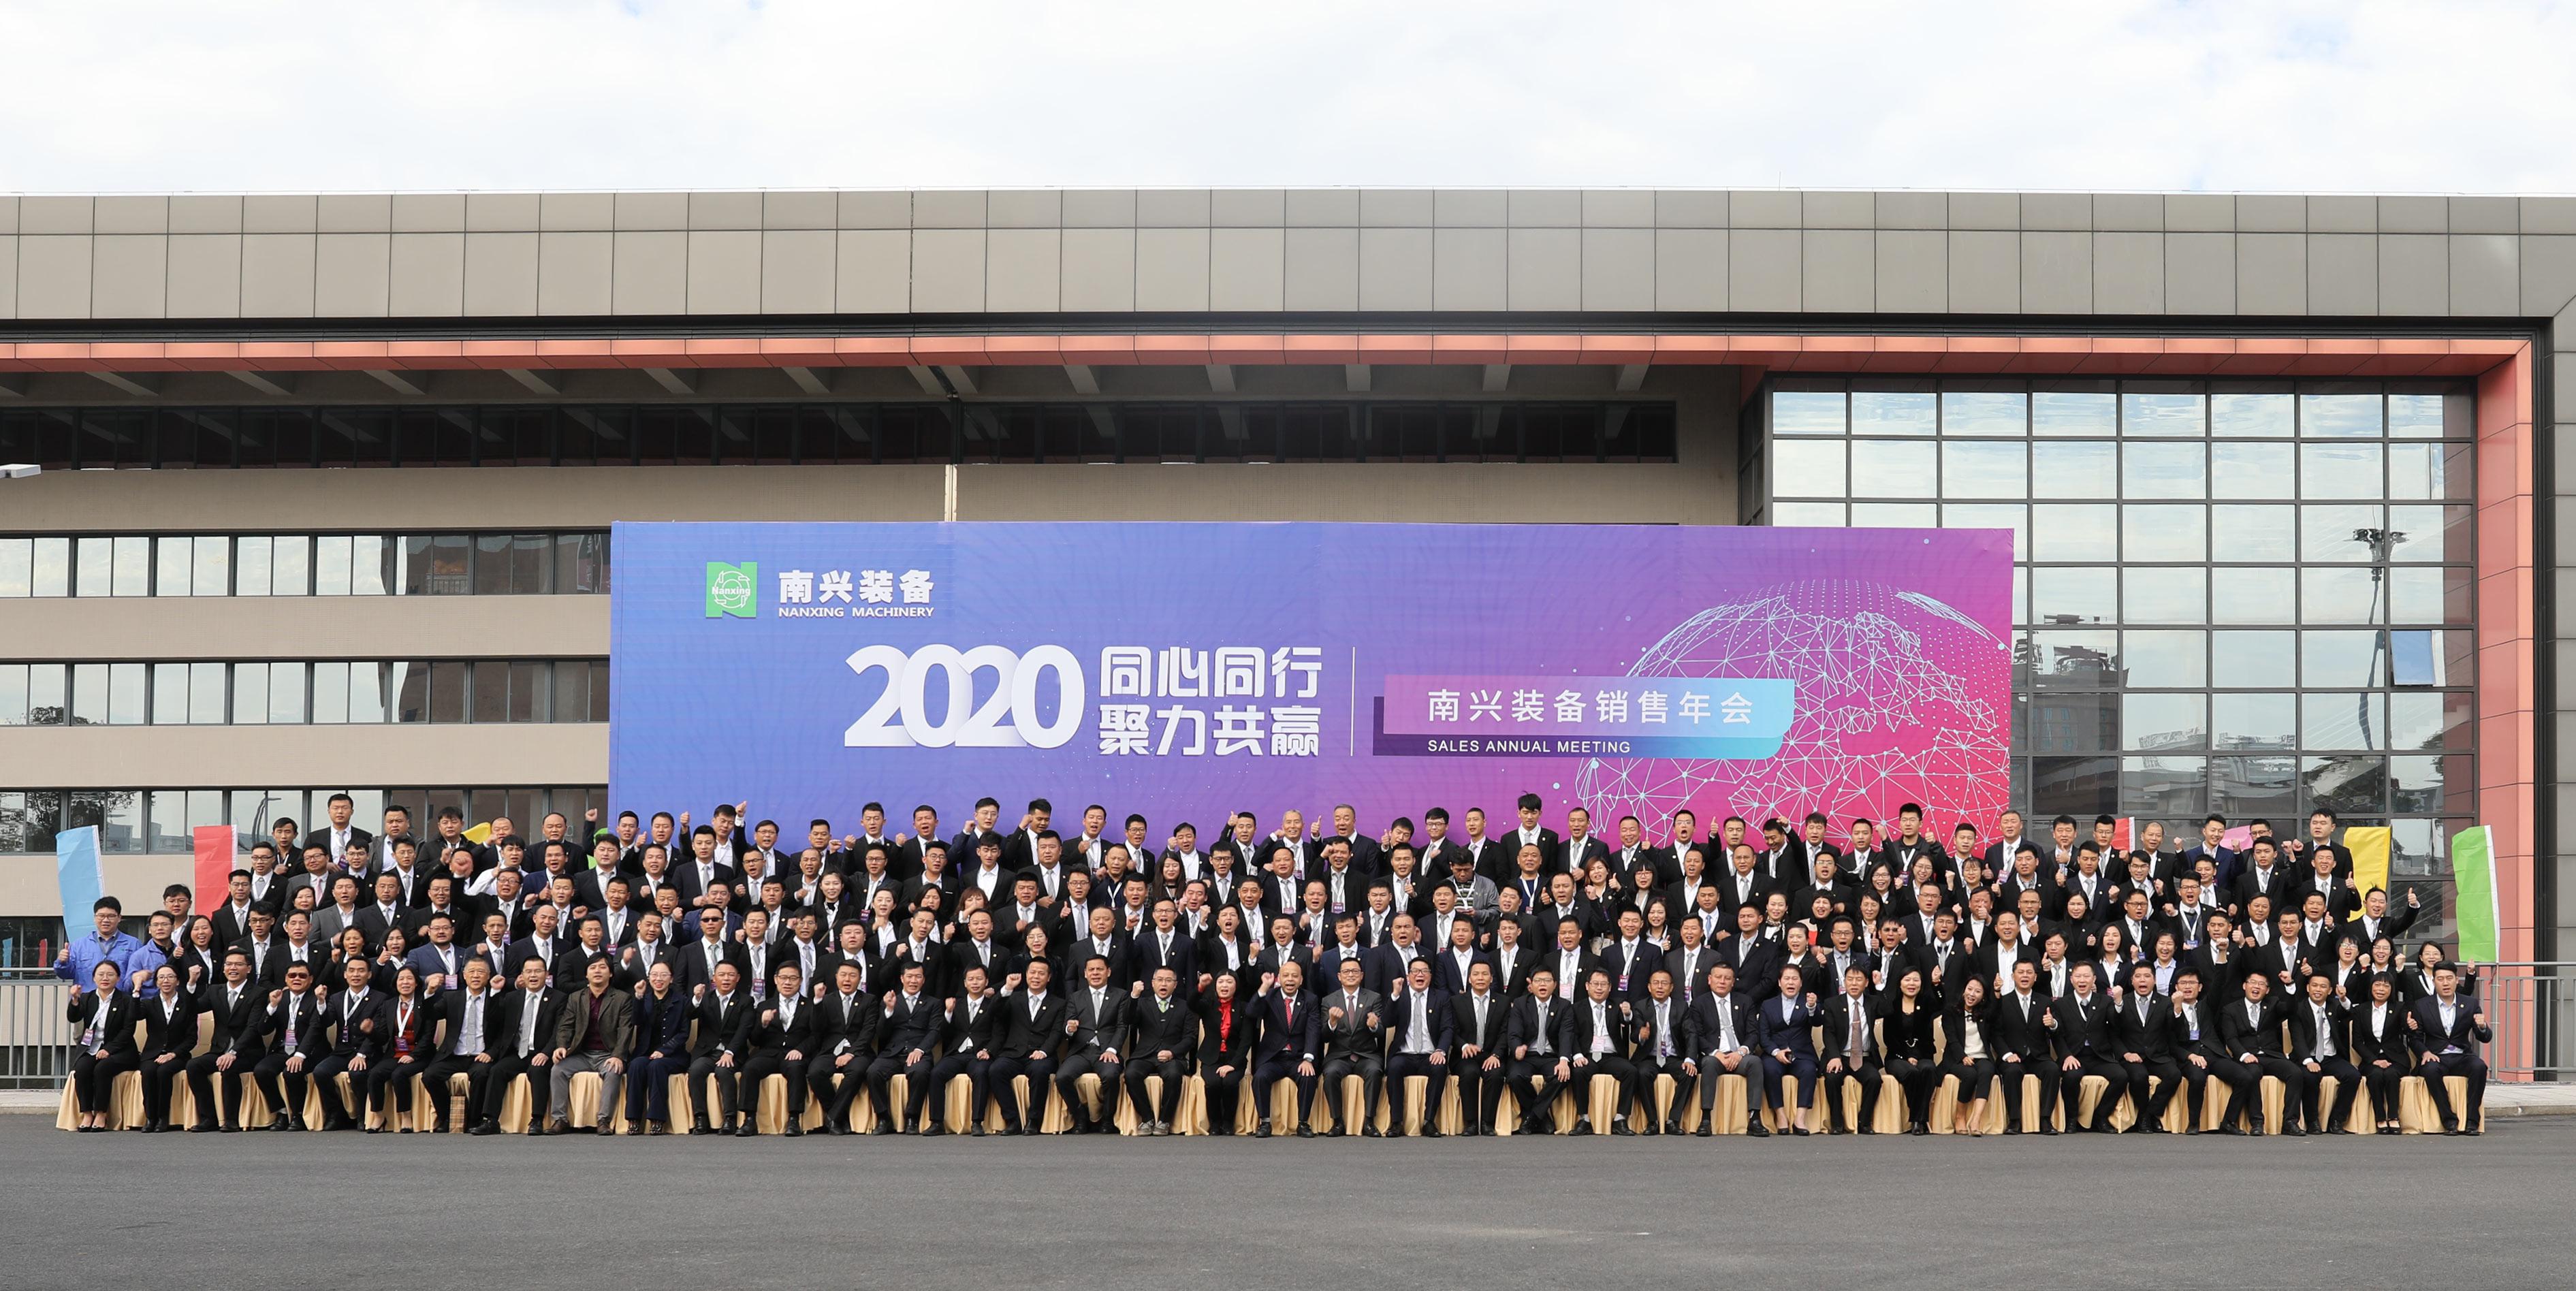 2020南興裝備丨同心同行 聚力共贏